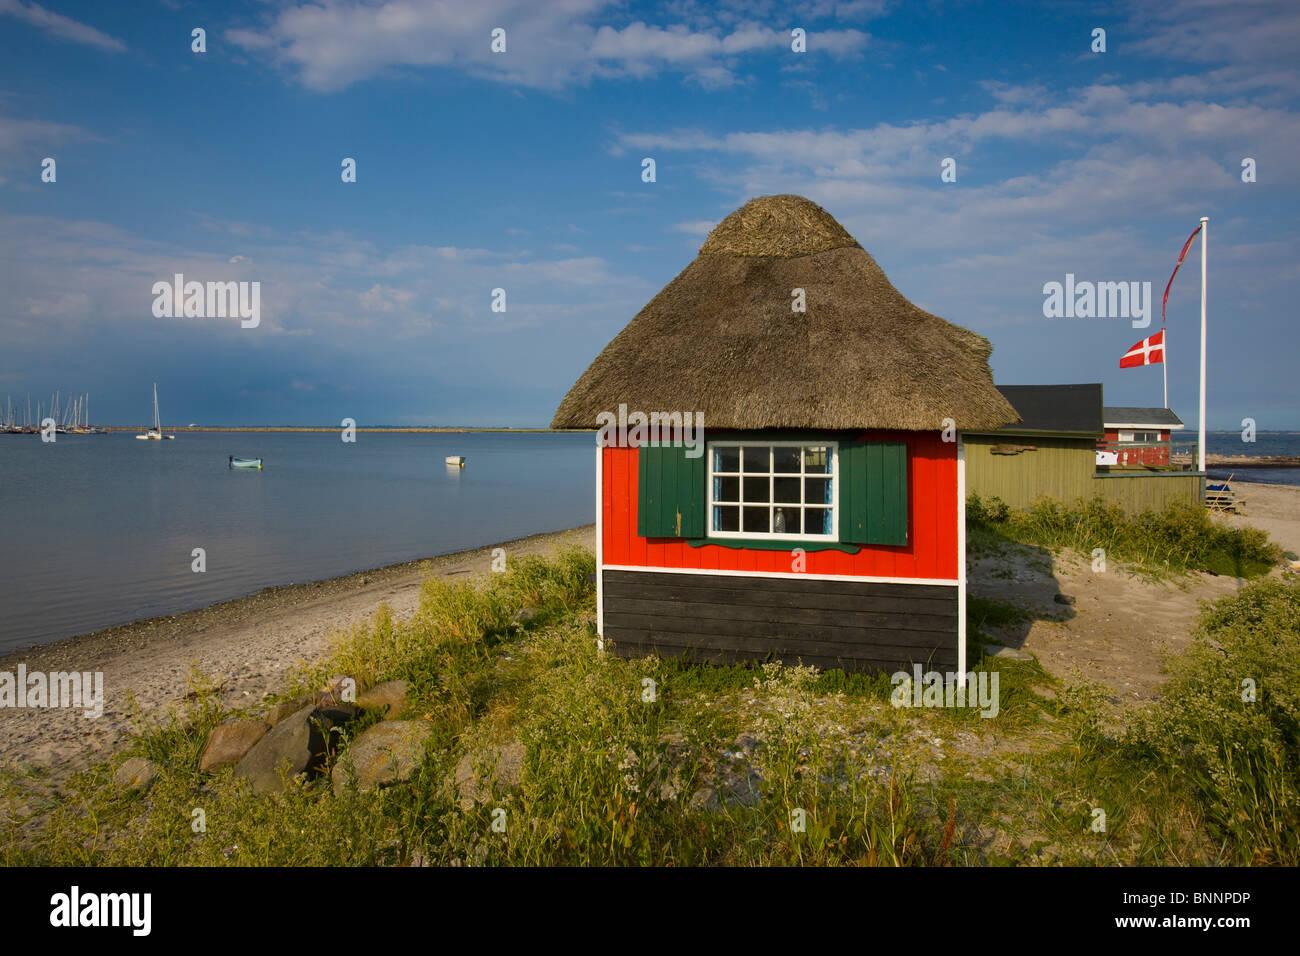 Mars valley Denmark island isle Aero beach seashore beach small house straw roof sea boats Denmark flag - Stock Image